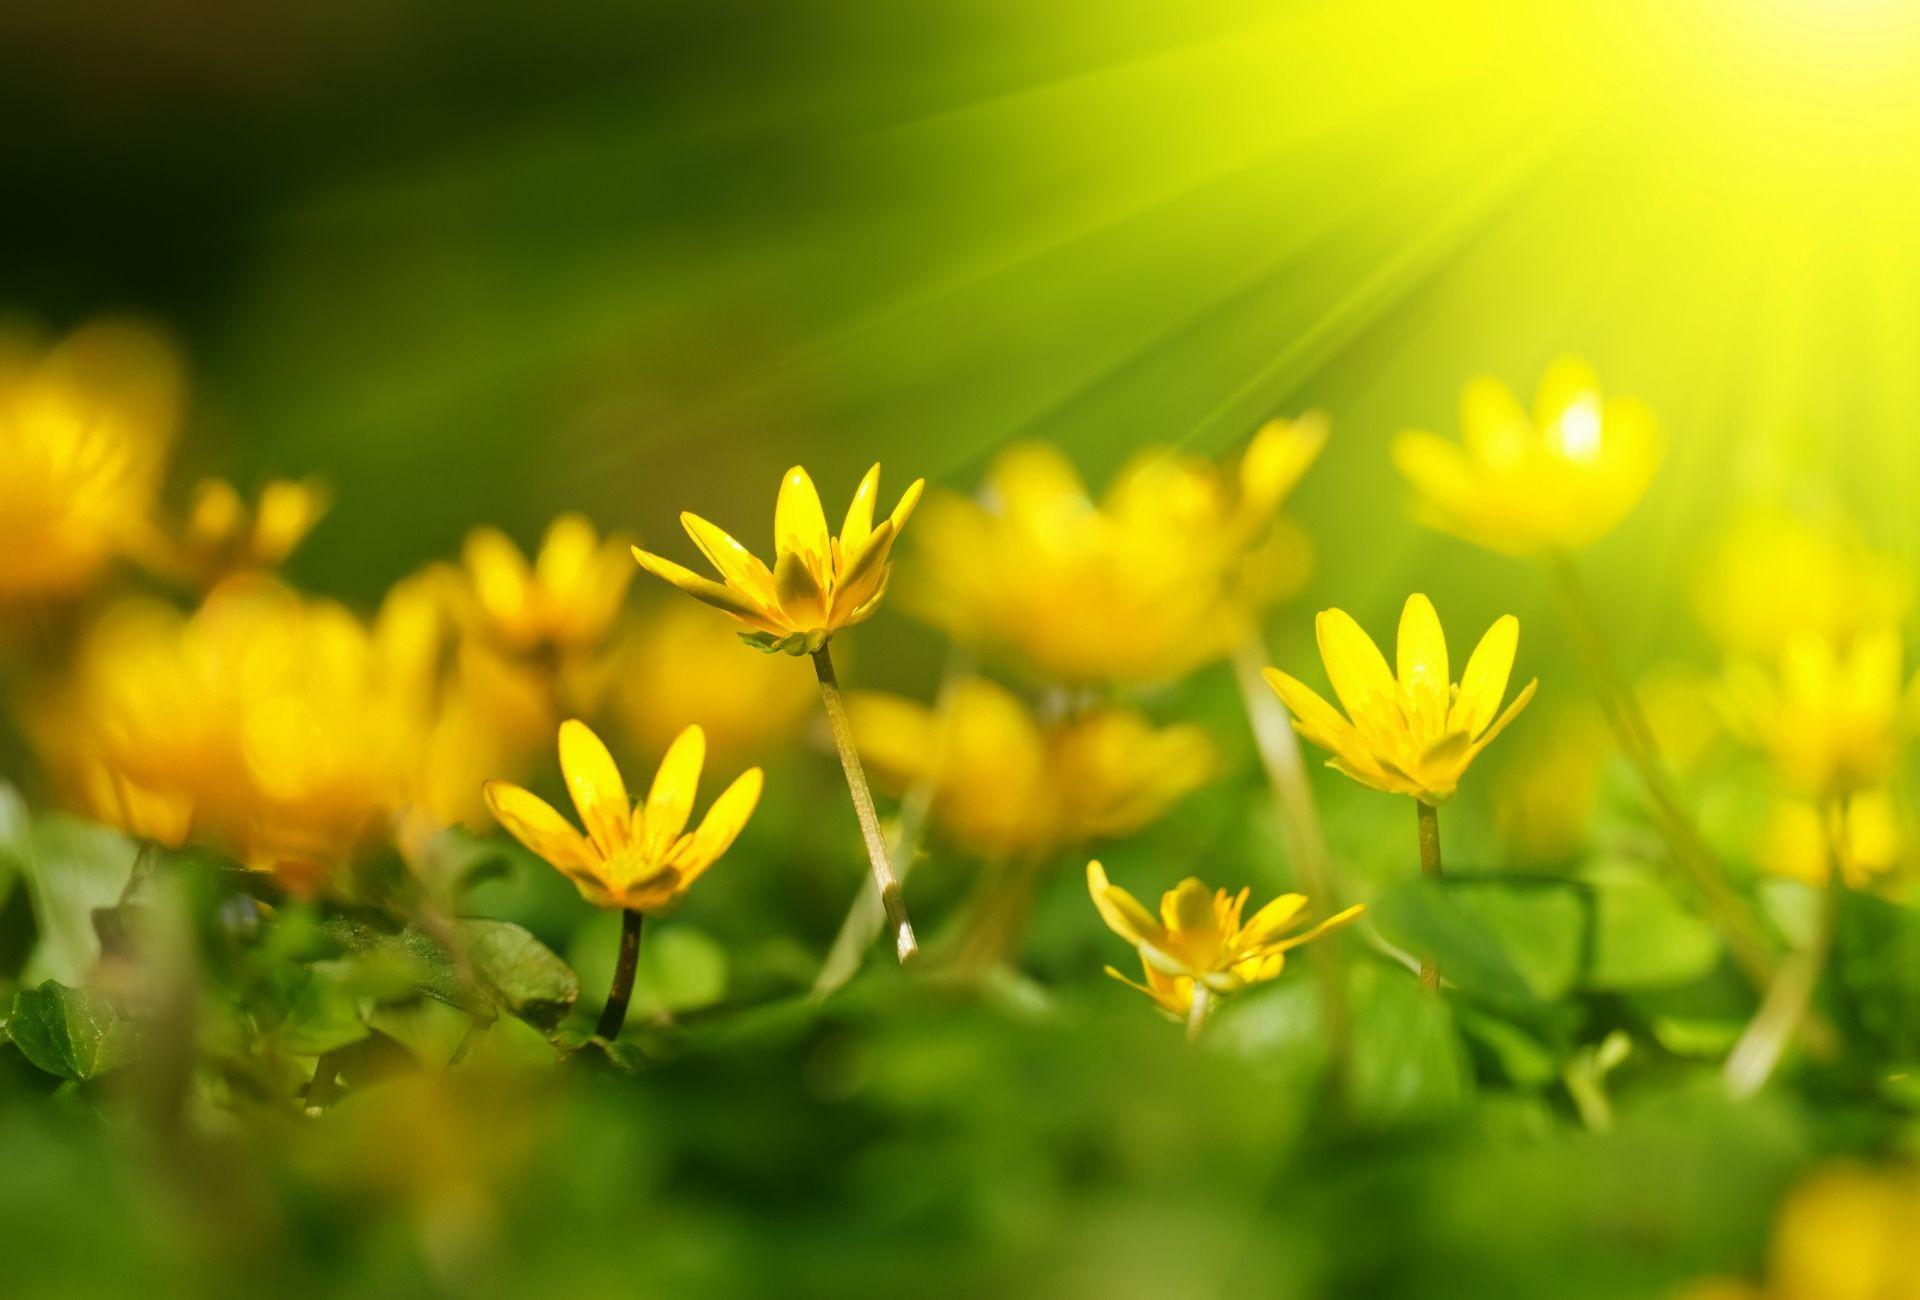 желто зеленые картинки на природе разные виды мозаики